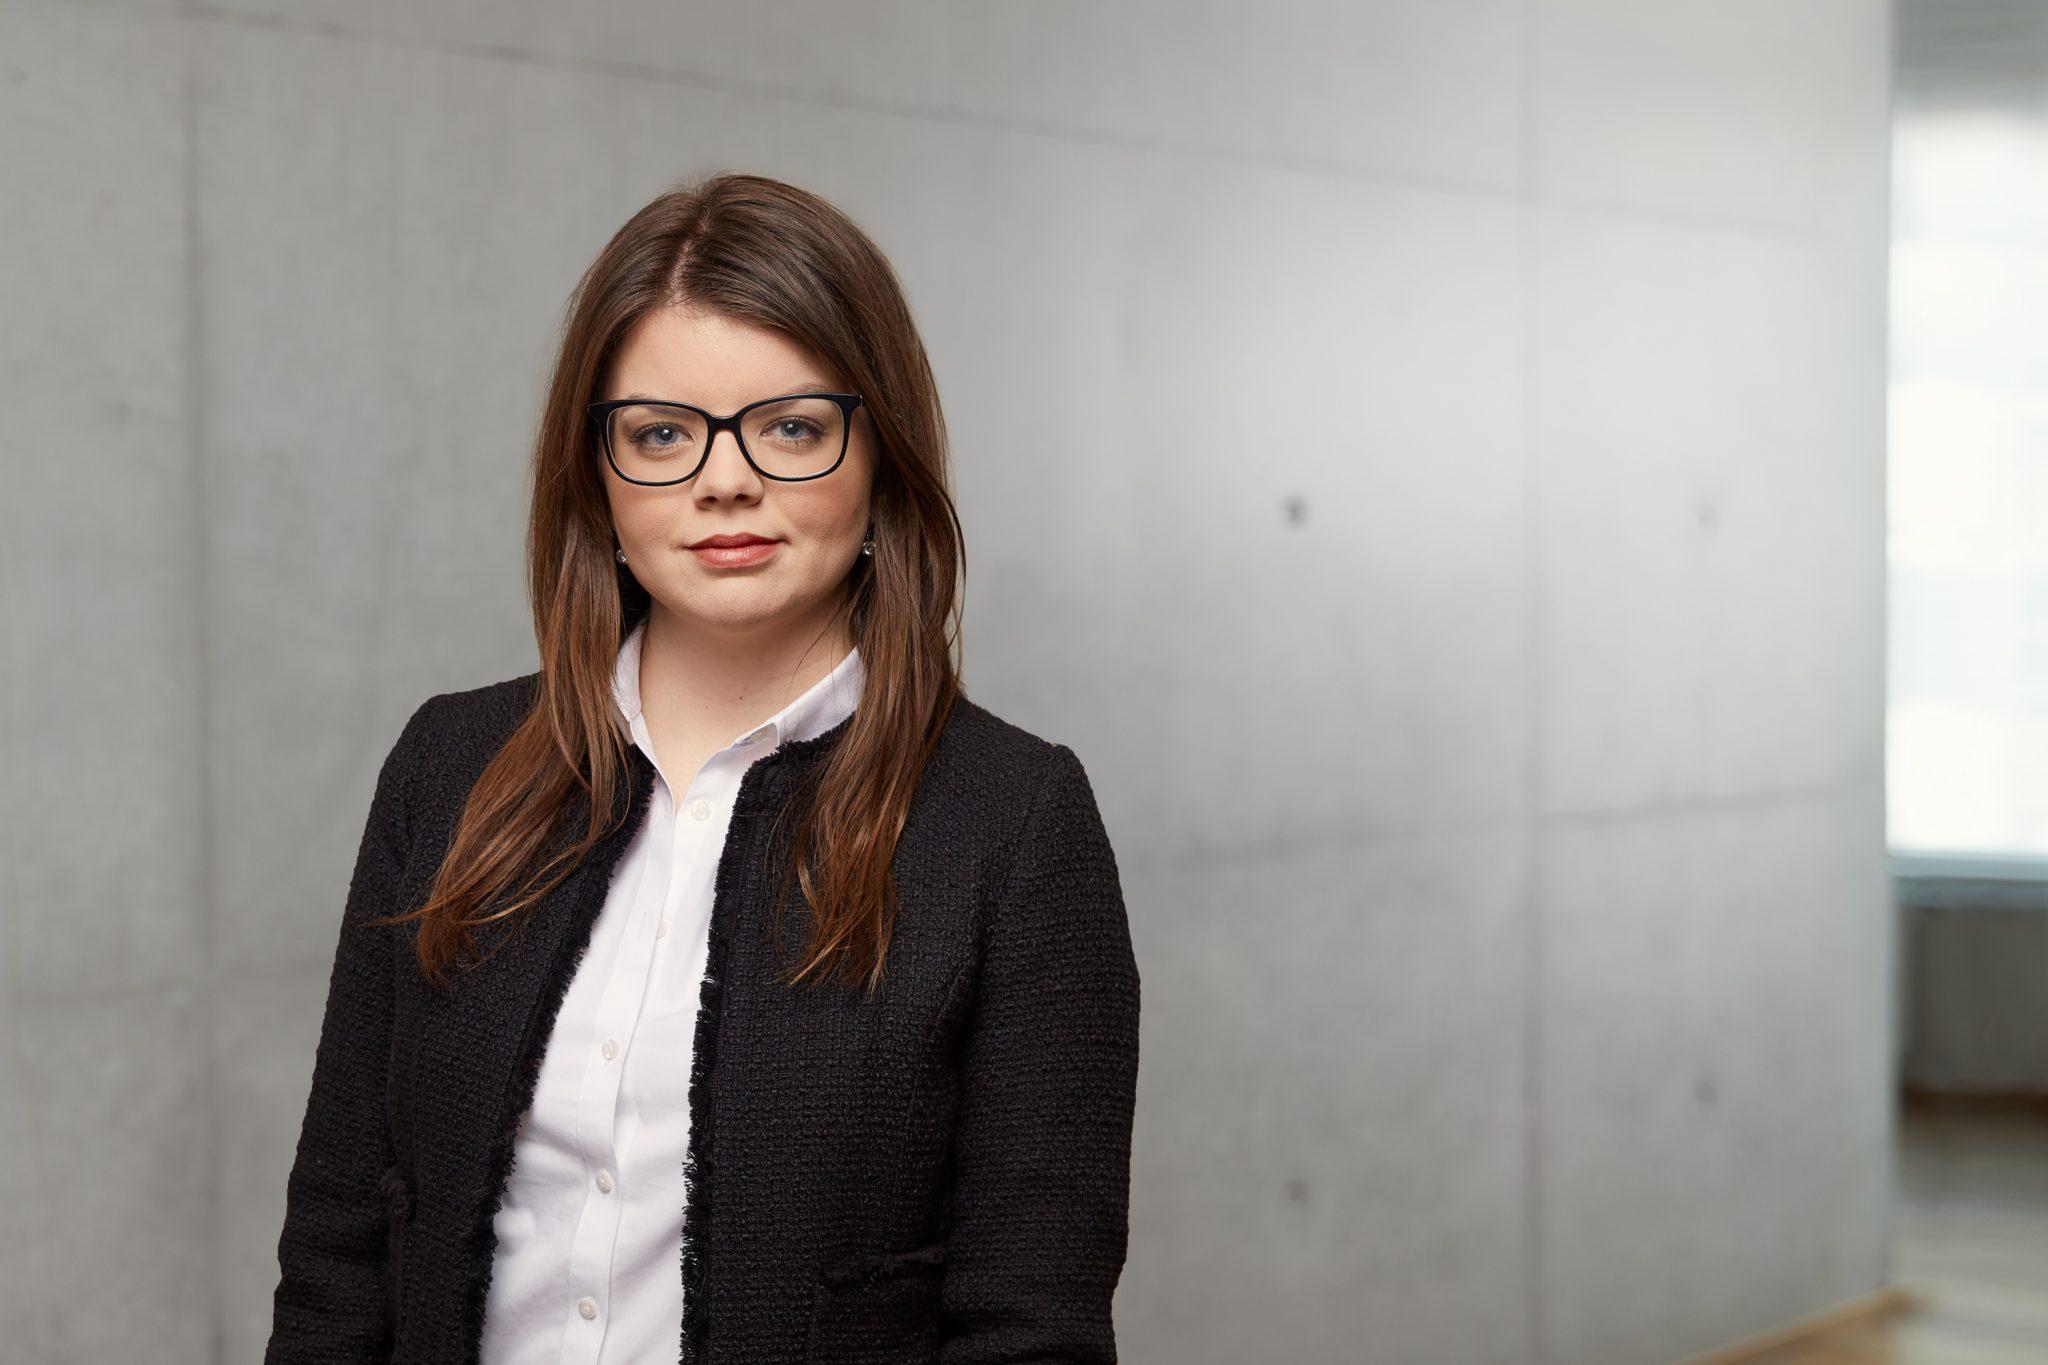 Guðrún Lilja Sigurðardóttir